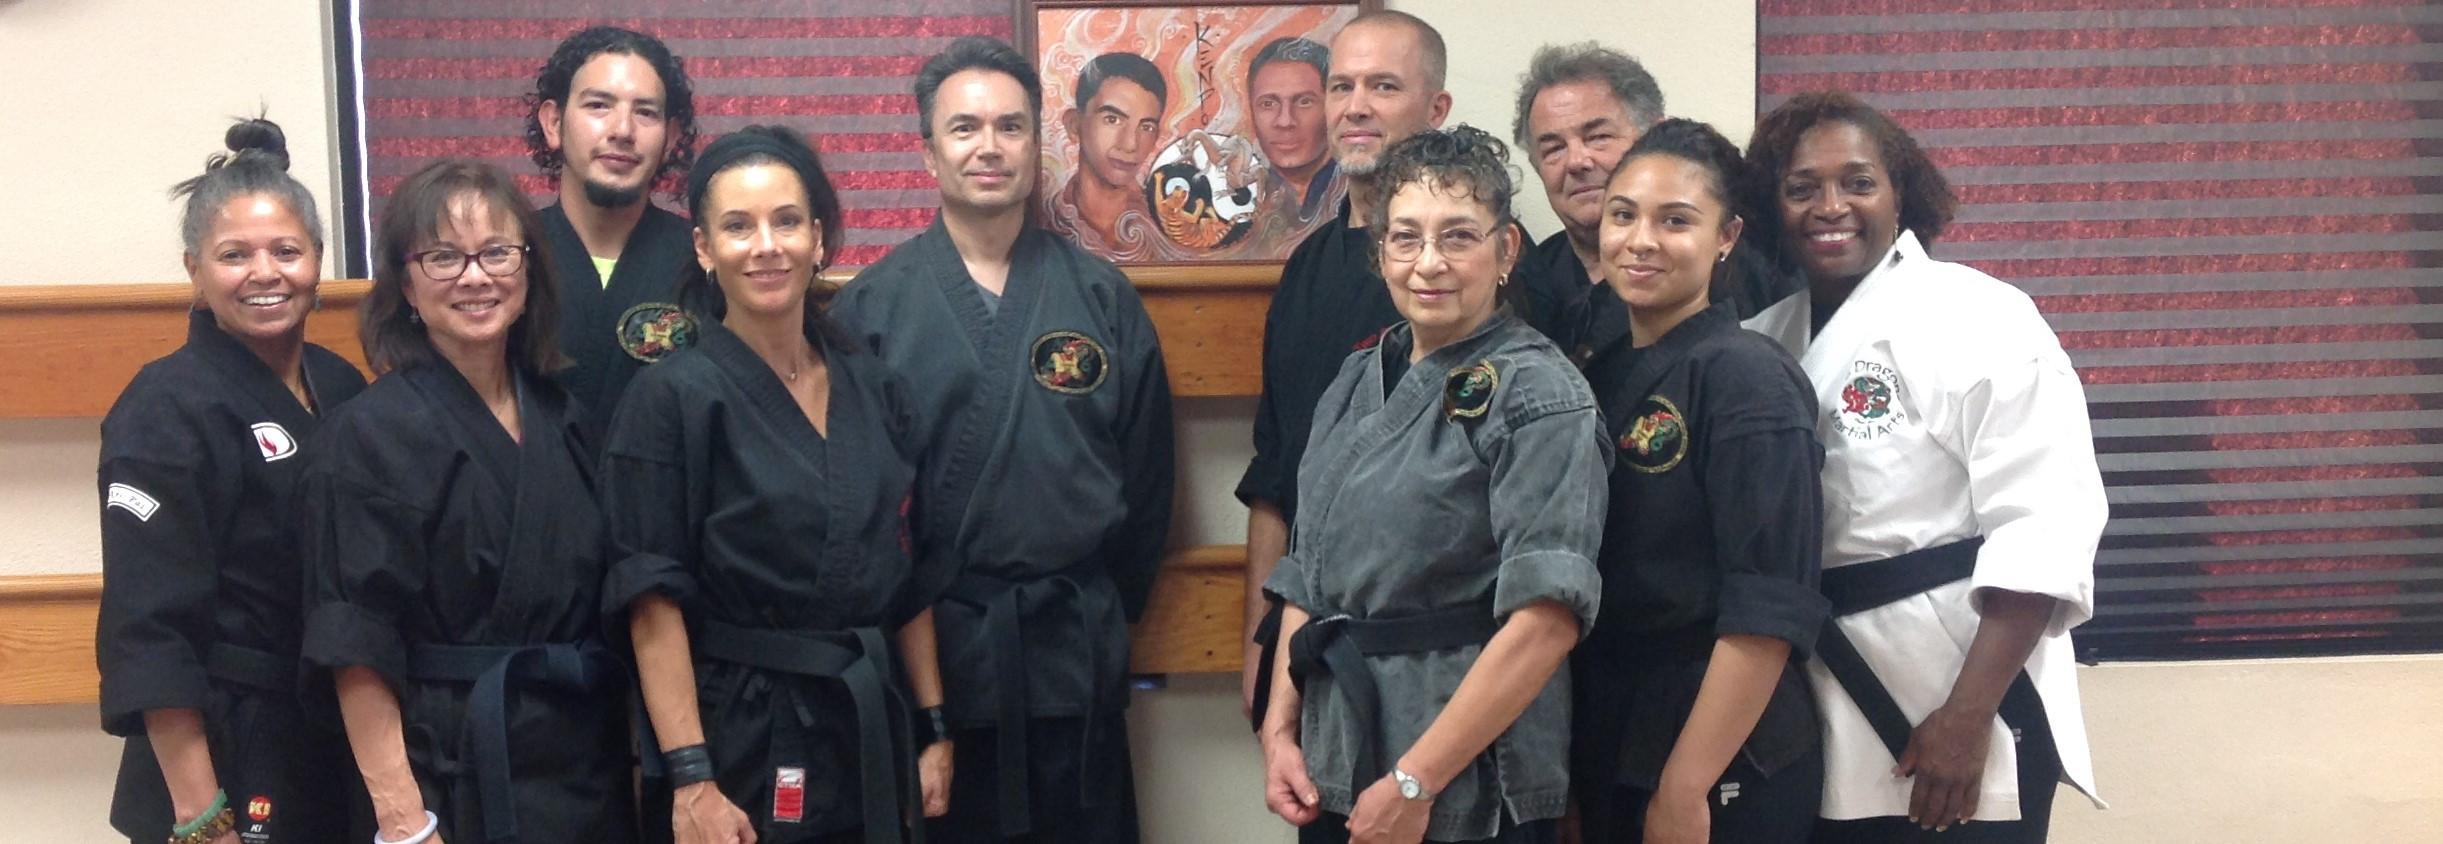 all black belts.jpg